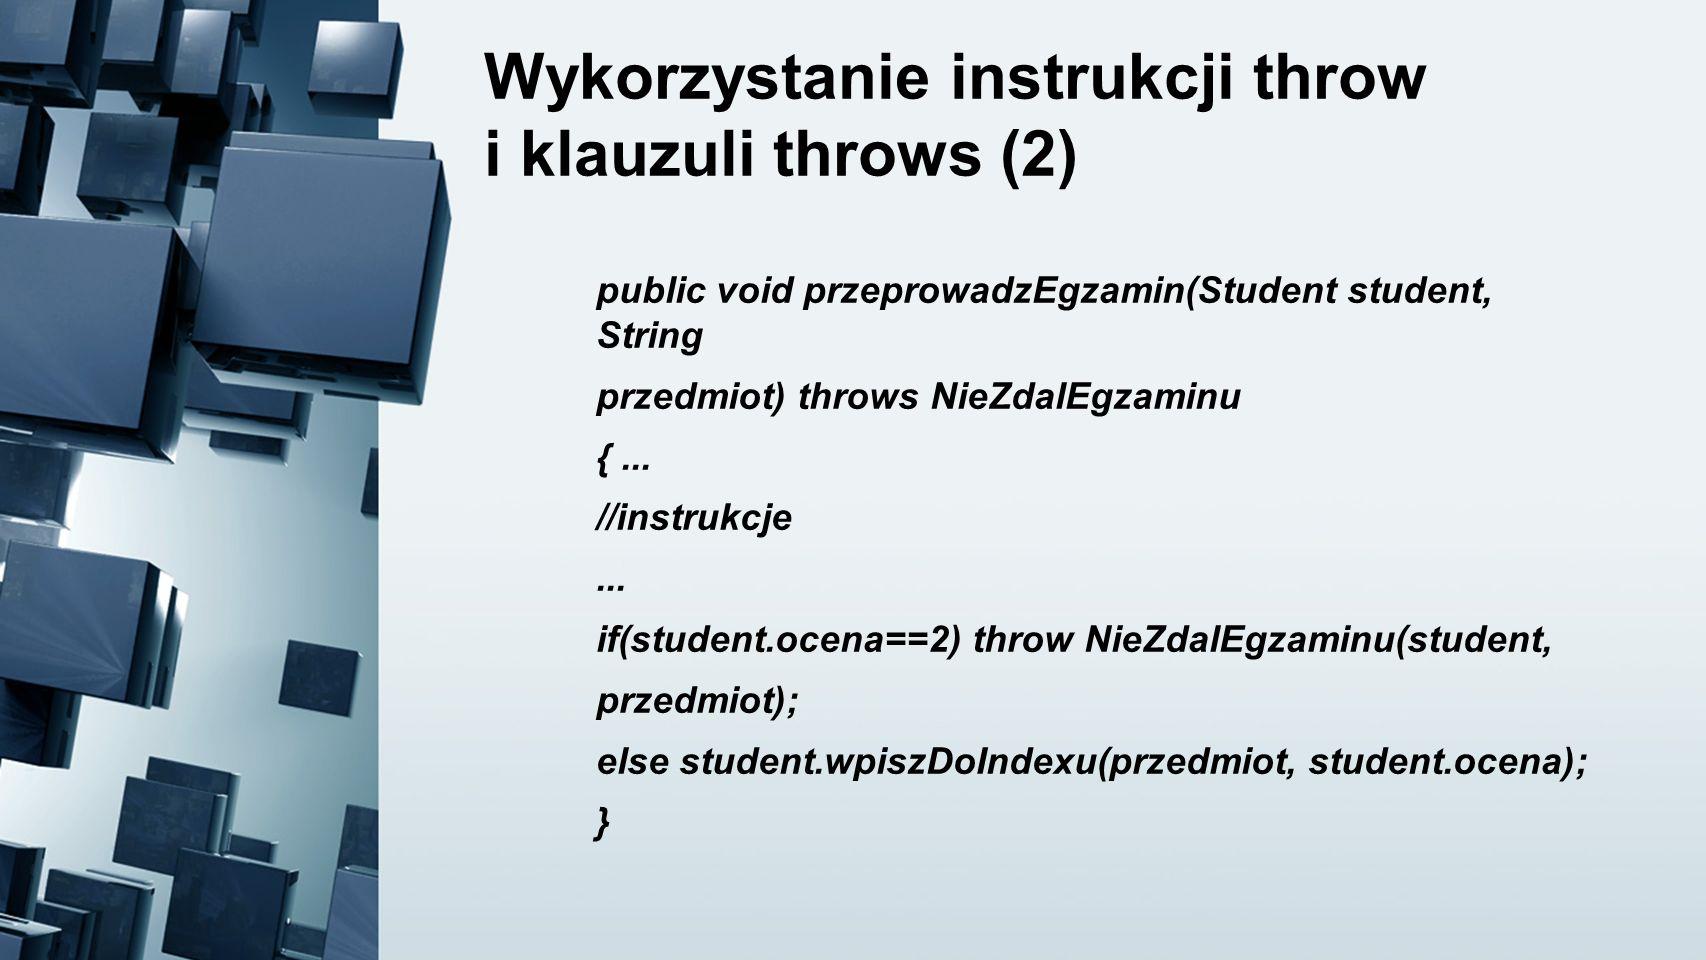 Wykorzystanie instrukcji throw i klauzuli throws (2) public void przeprowadzEgzamin(Student student, String przedmiot) throws NieZdalEgzaminu {... //i